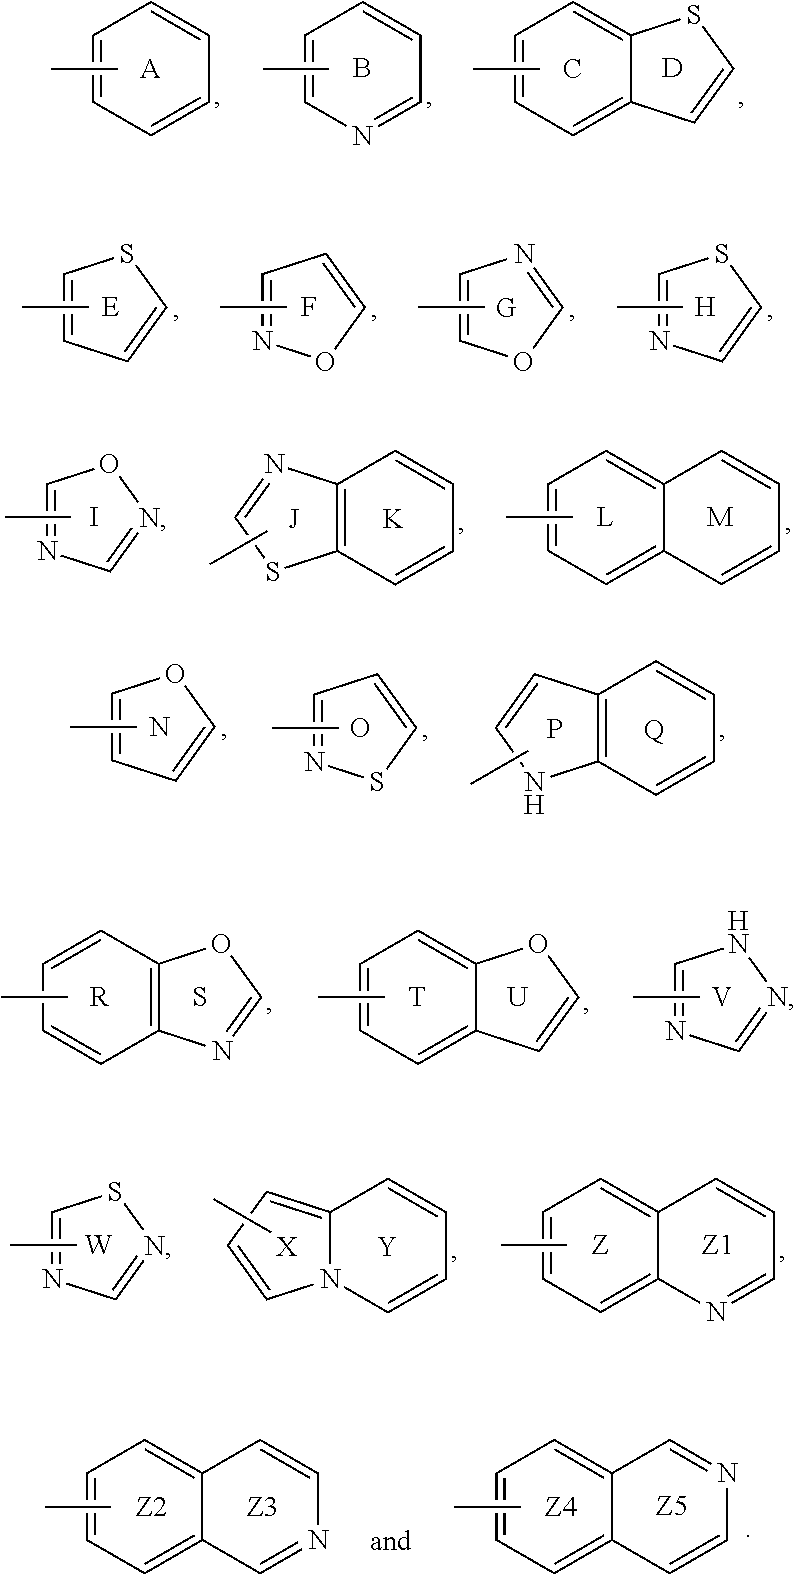 Figure US09272996-20160301-C00011